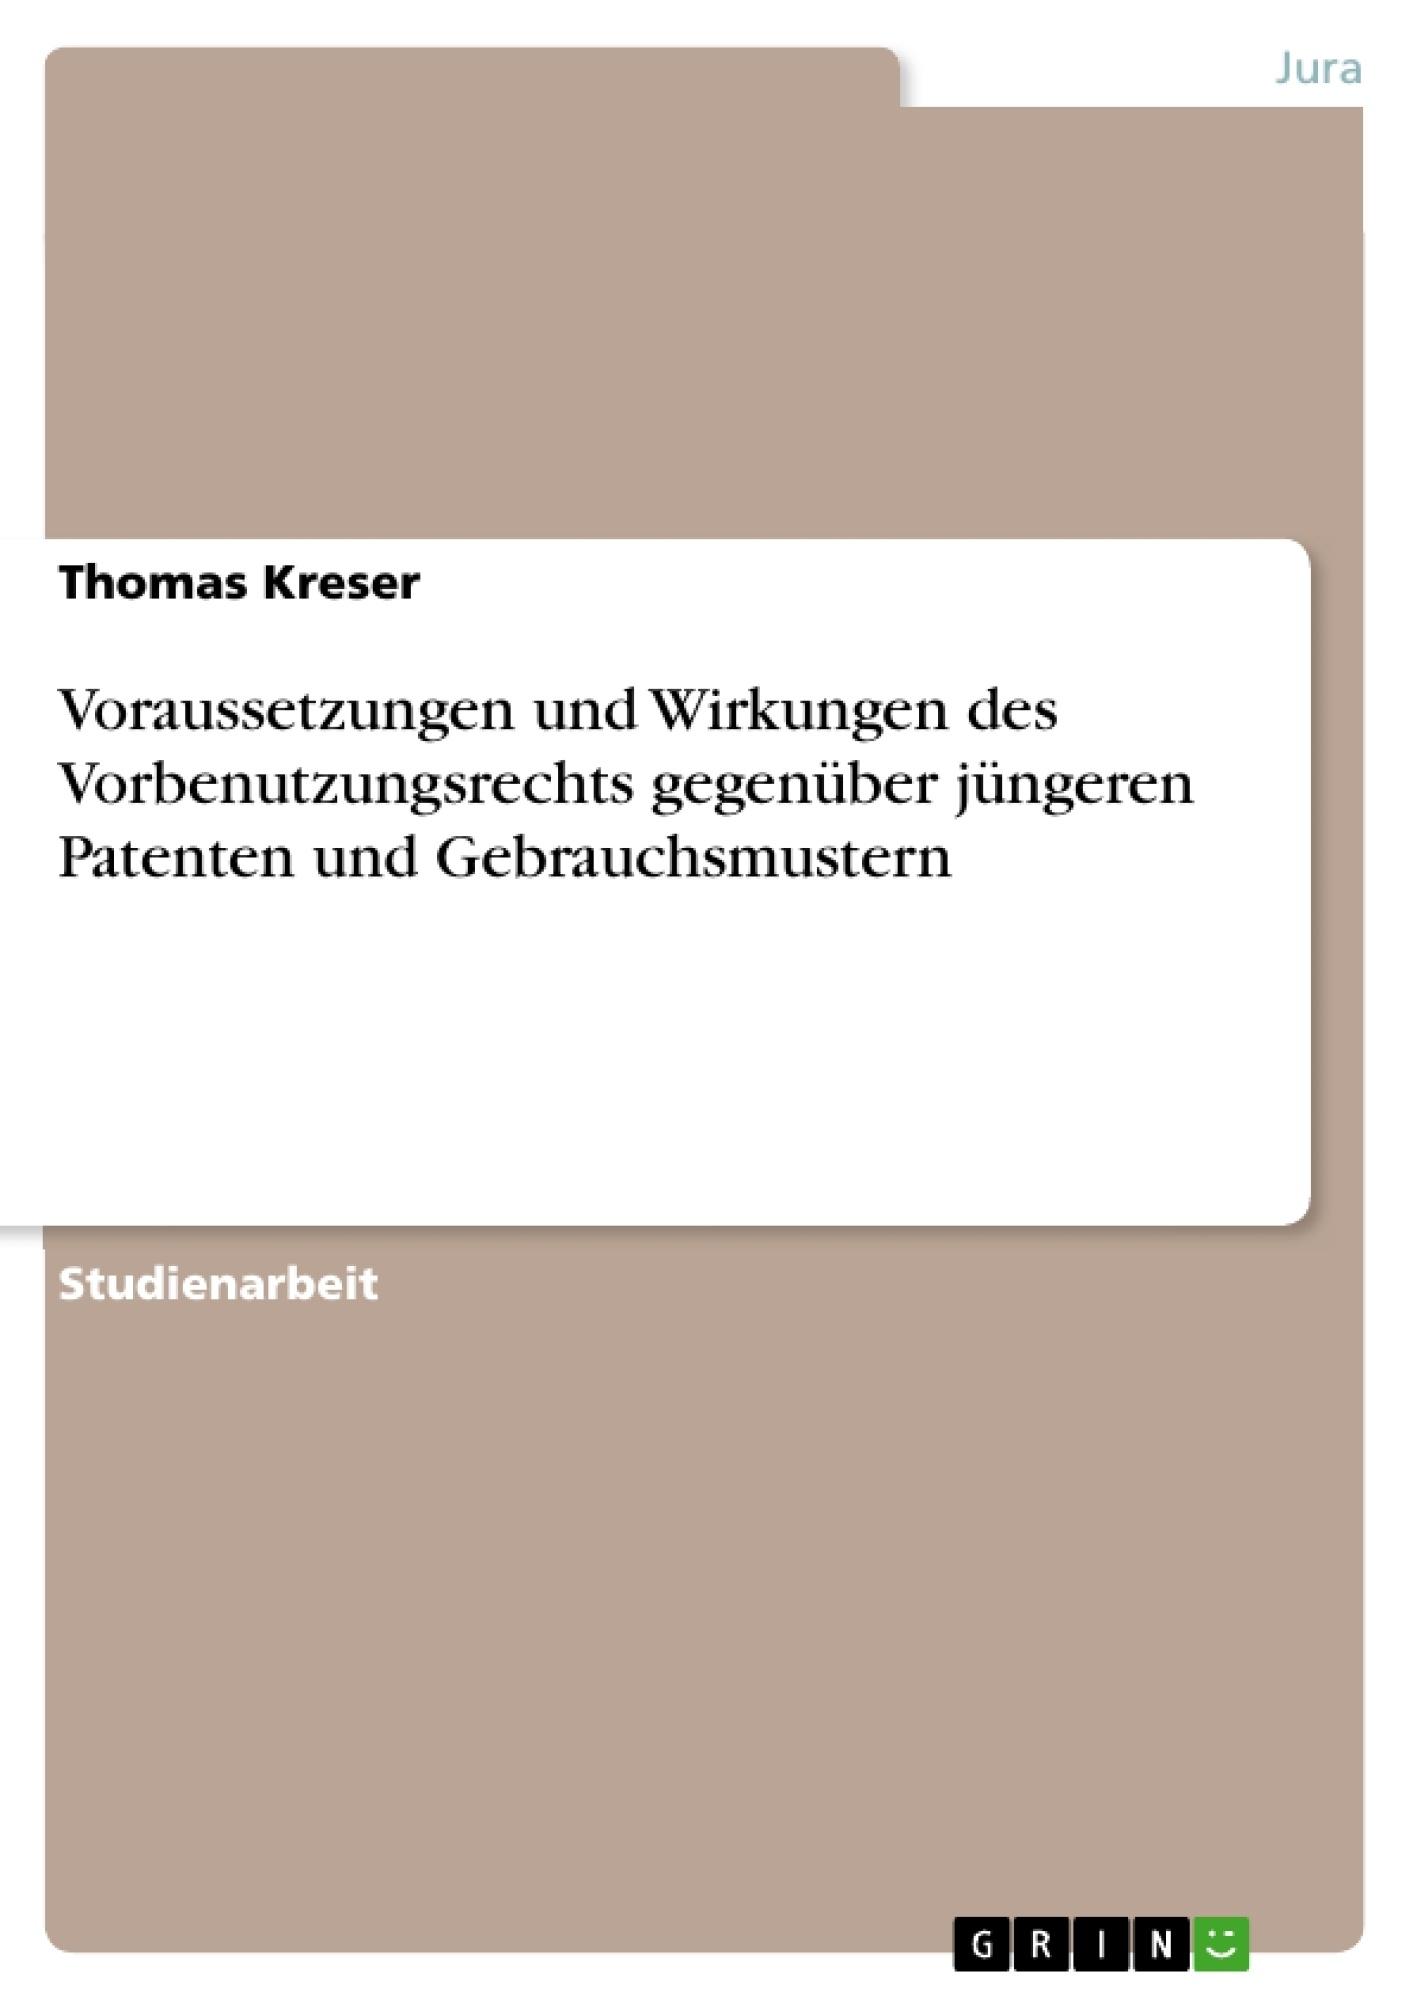 Titel: Voraussetzungen und Wirkungen des Vorbenutzungsrechts gegenüber jüngeren Patenten und Gebrauchsmustern